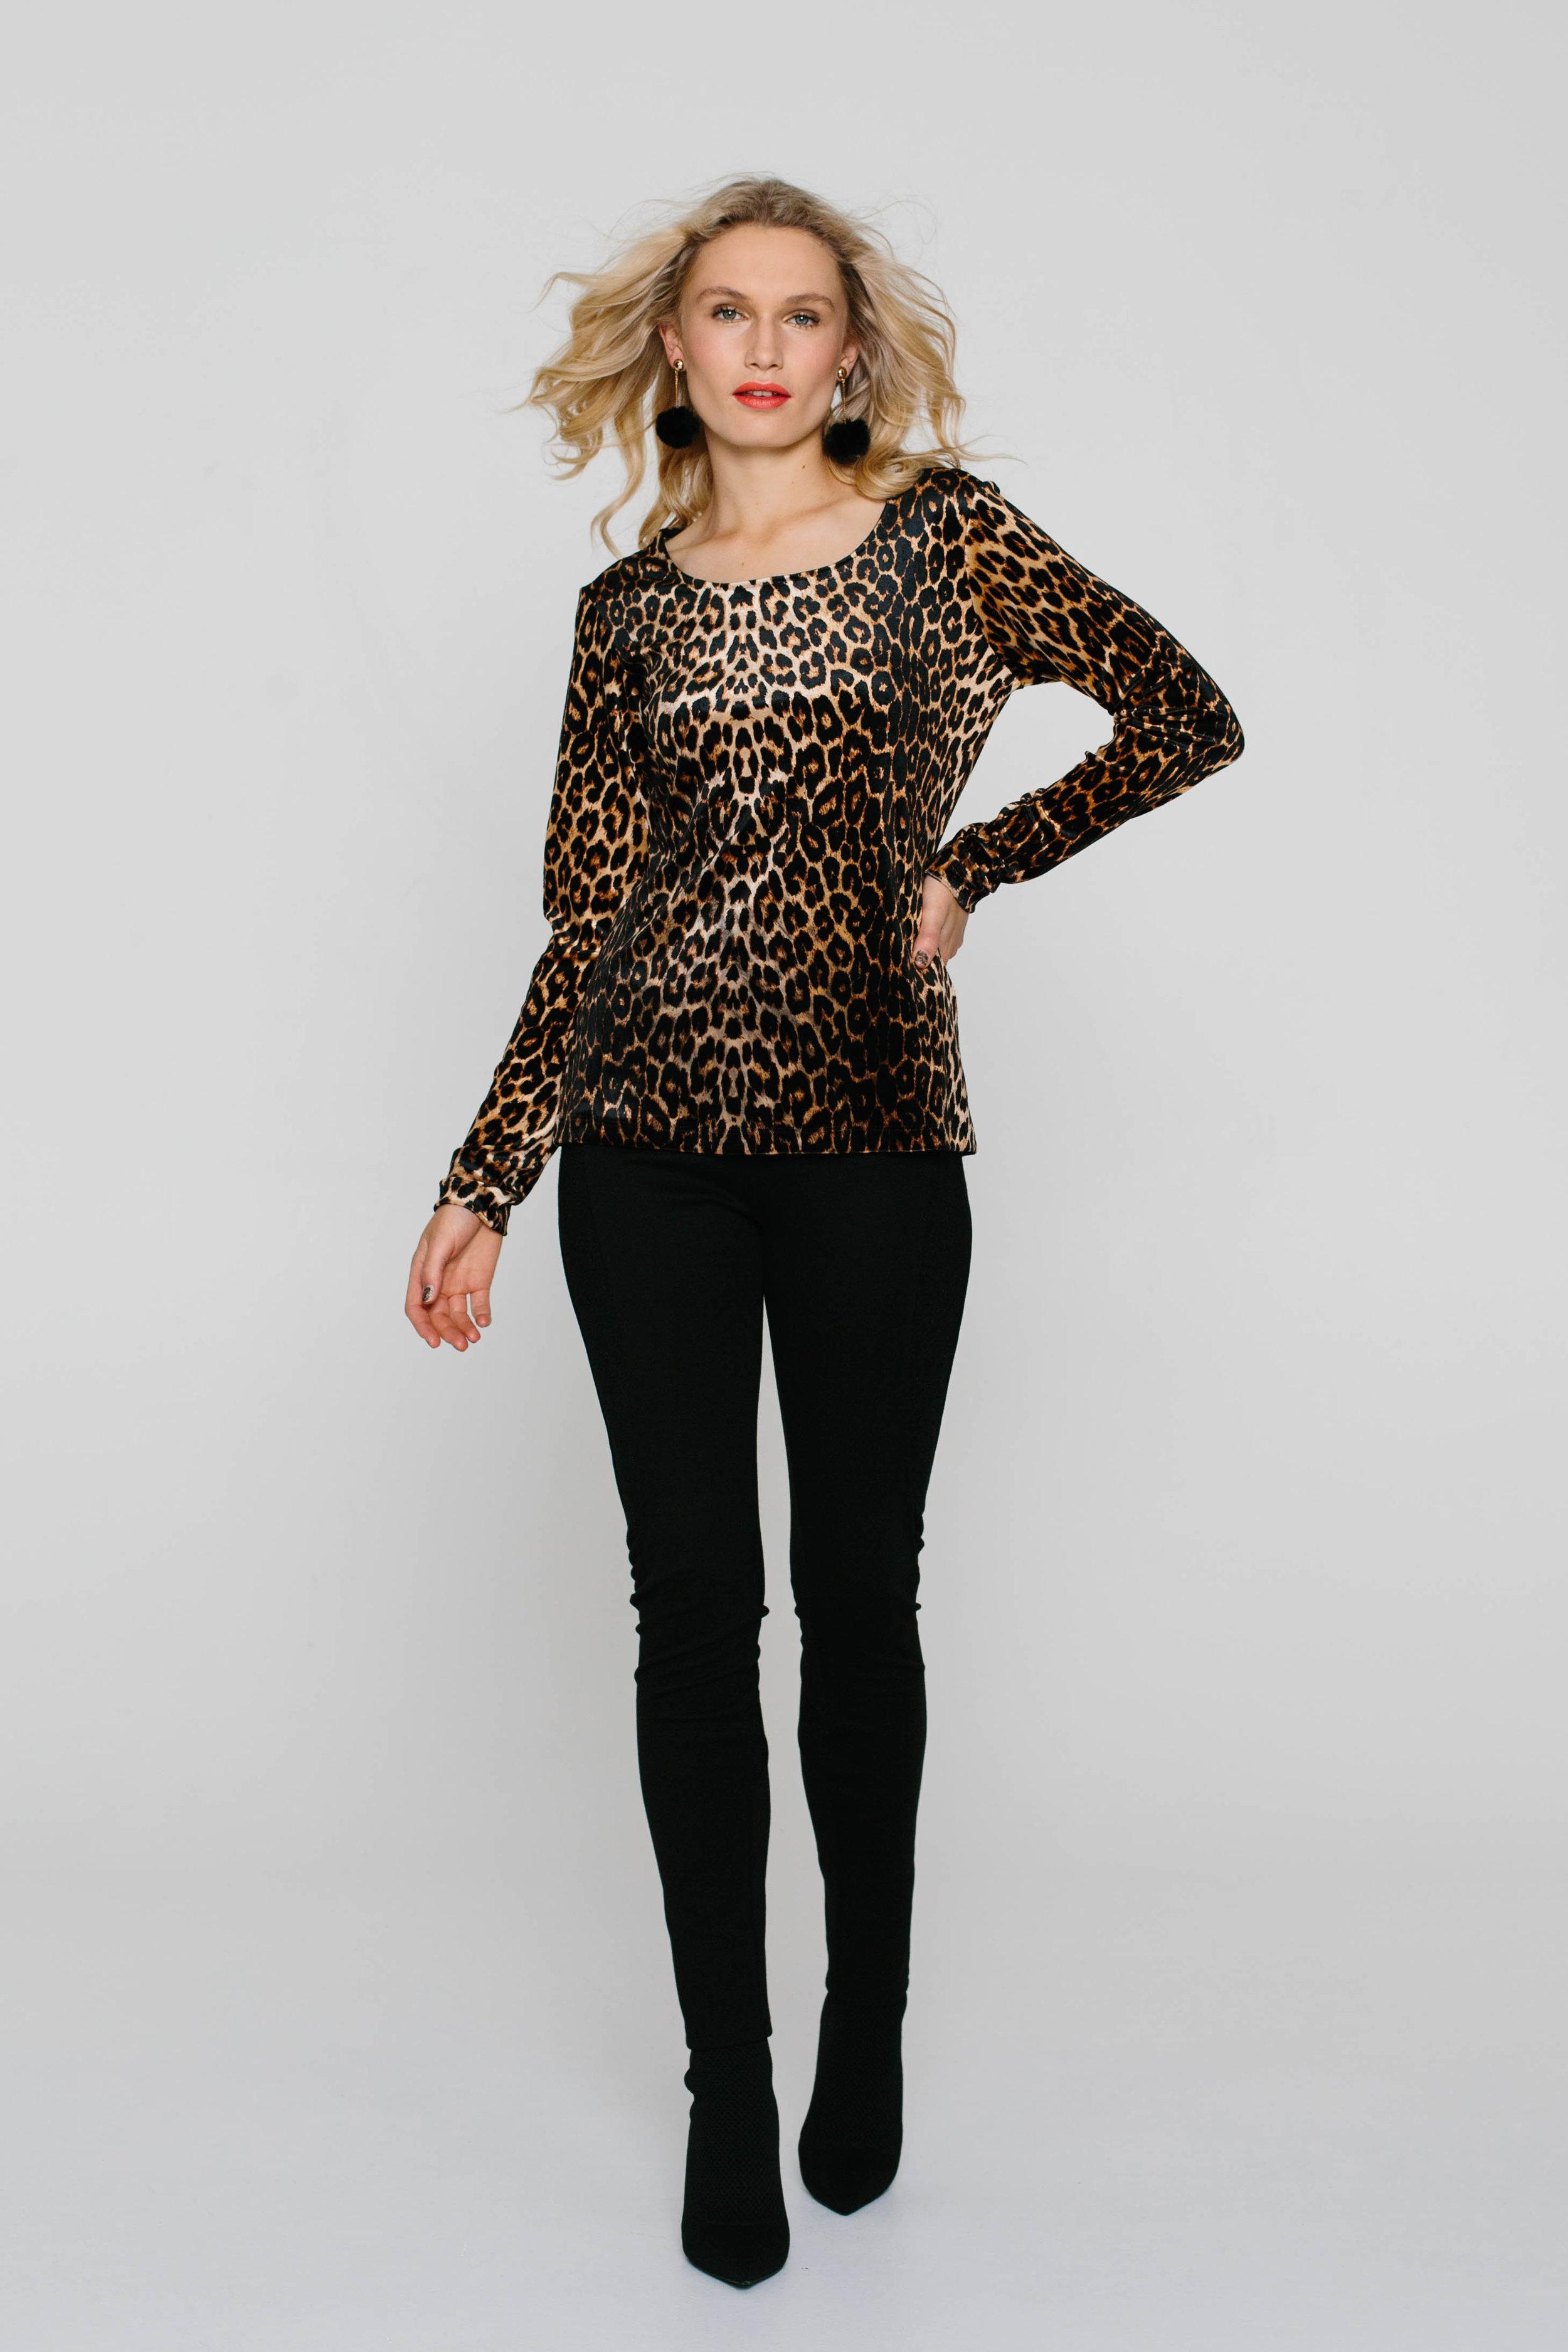 3989WA Long Sleeve Tee Leopard Caramel